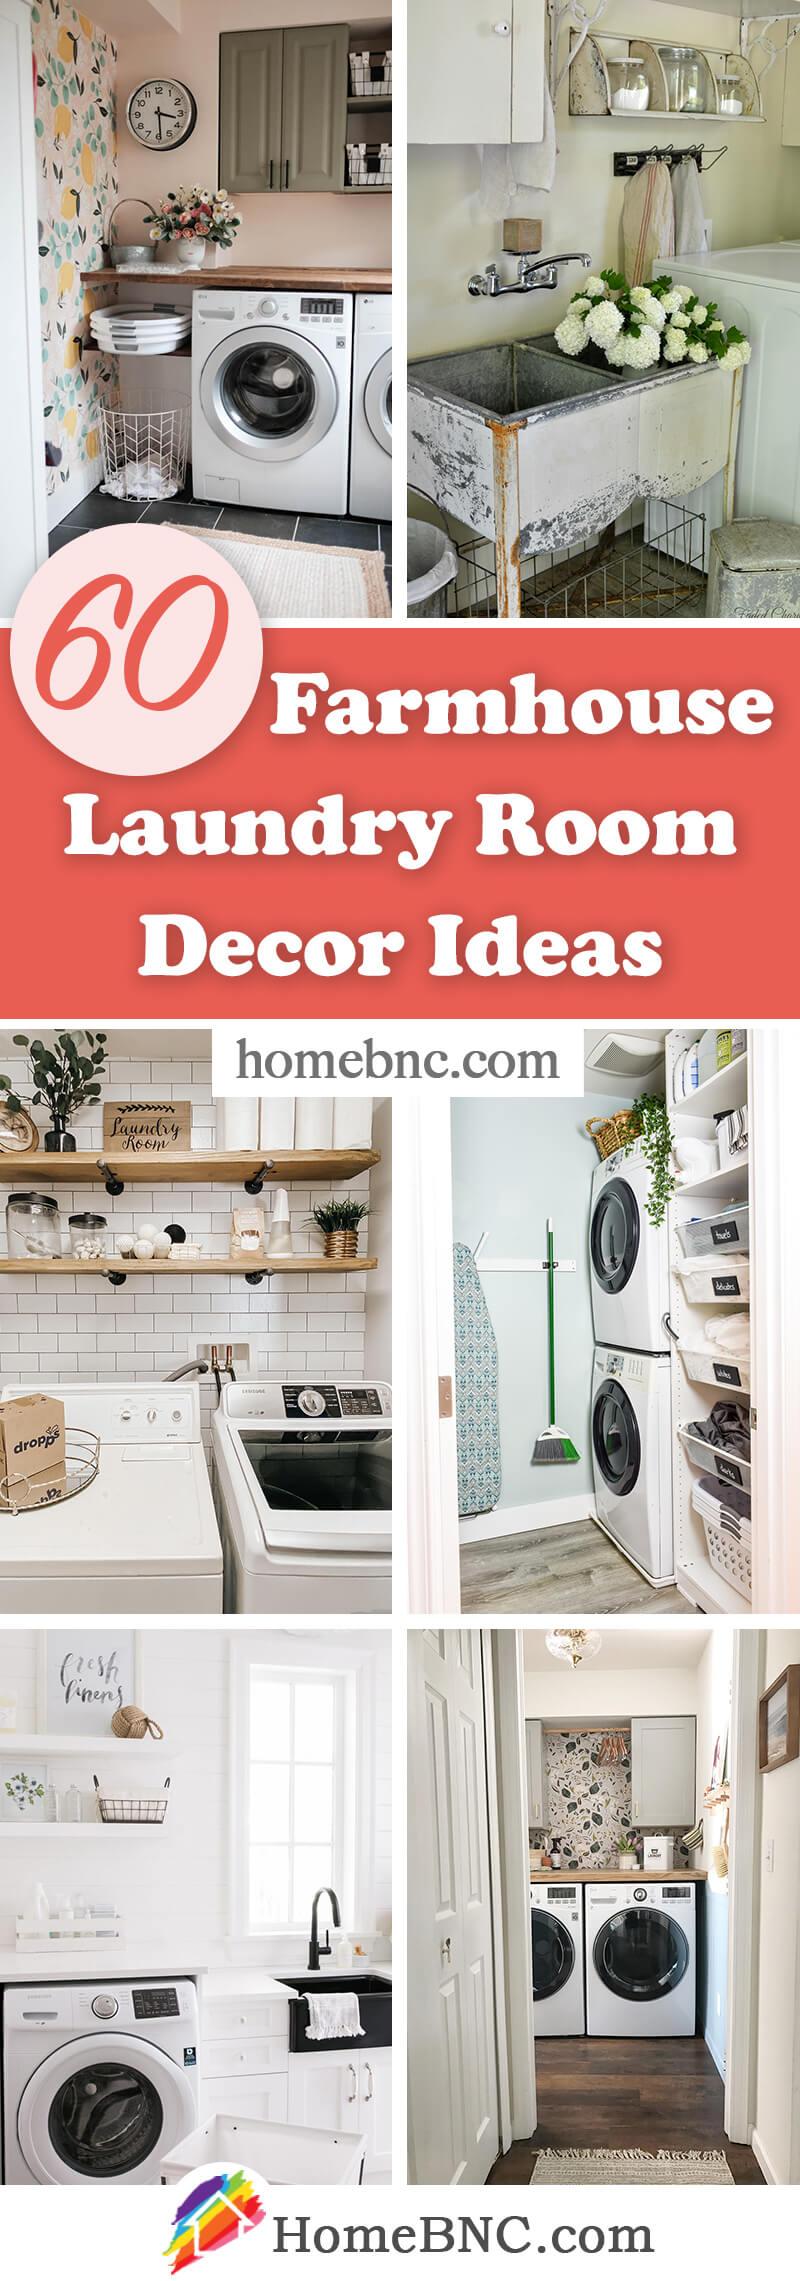 Farmhouse Laundry Room Decorations